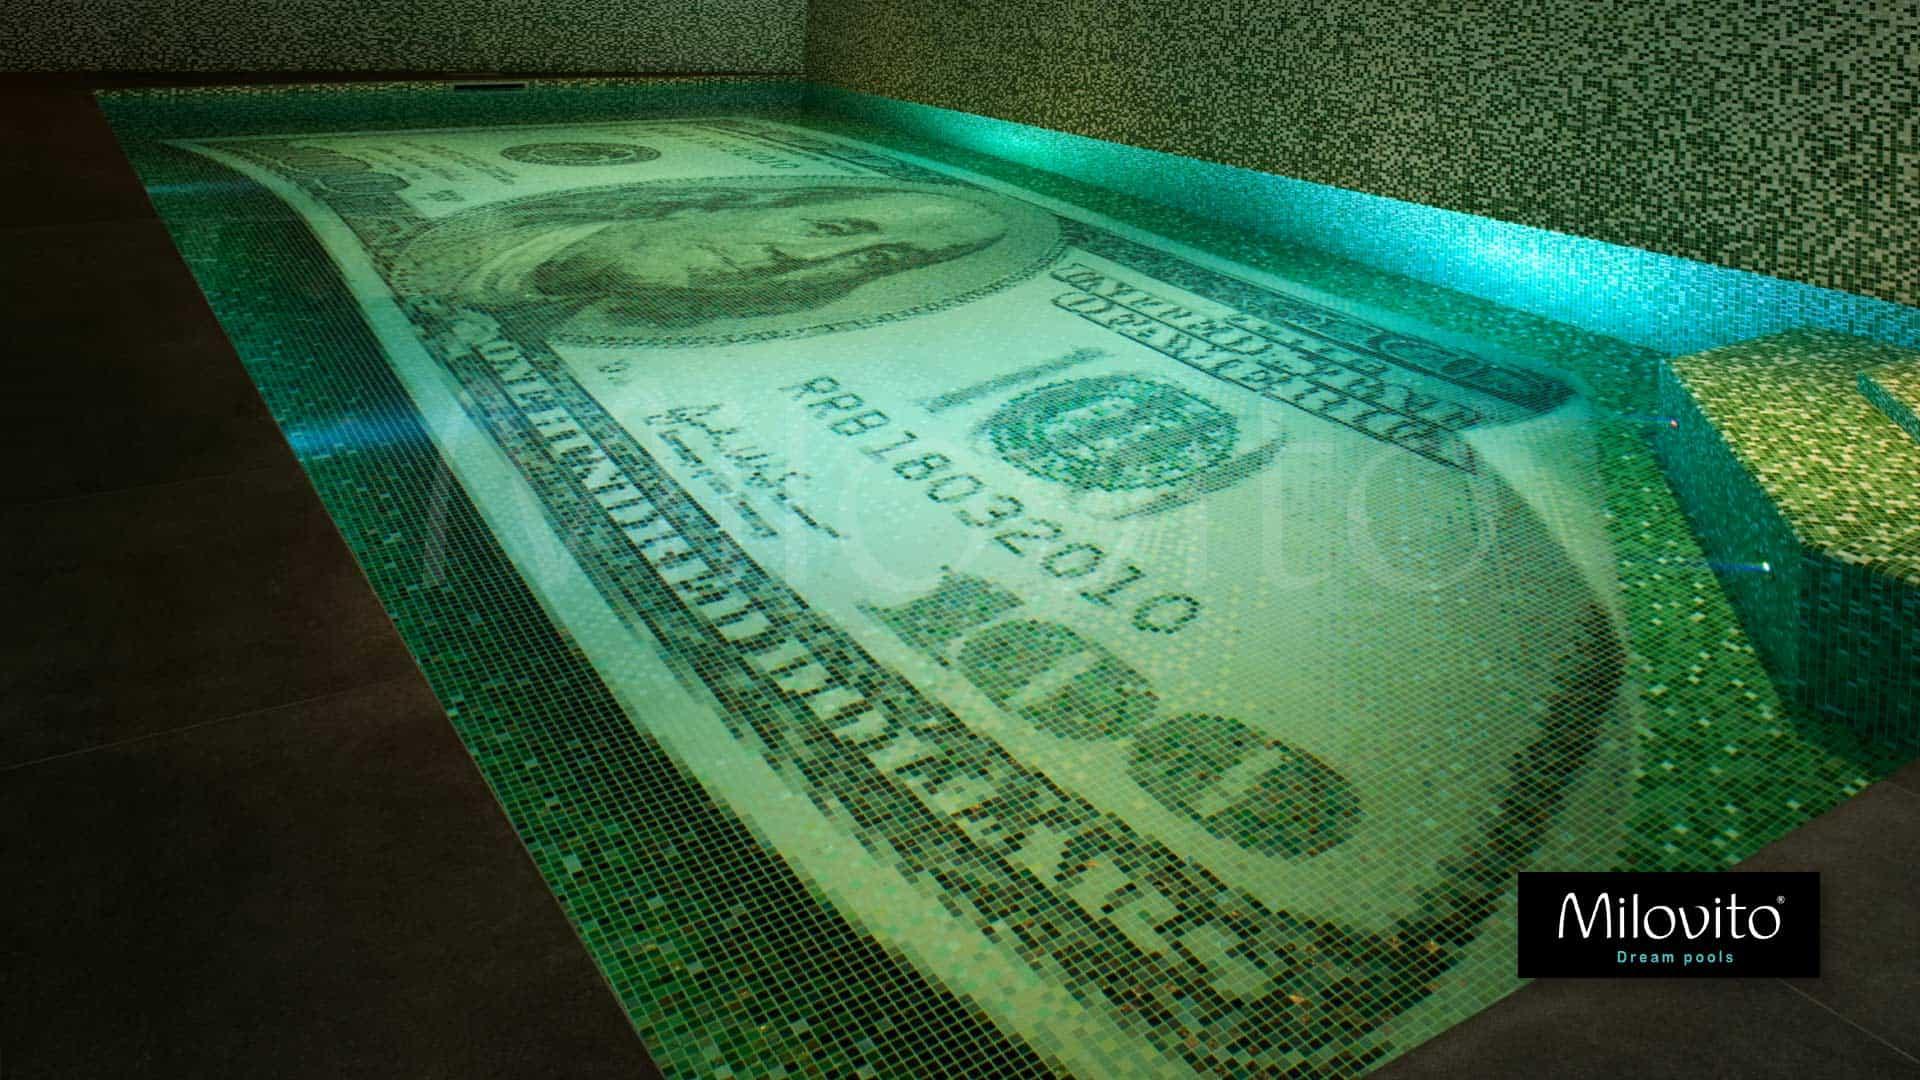 Zwemmen in geld? Dat kan! 100 dollar glasmozaïek zwembad op maat gemaakt. Dromen komen uit. Het enige originele $100 bill zwembad. Dutch design.